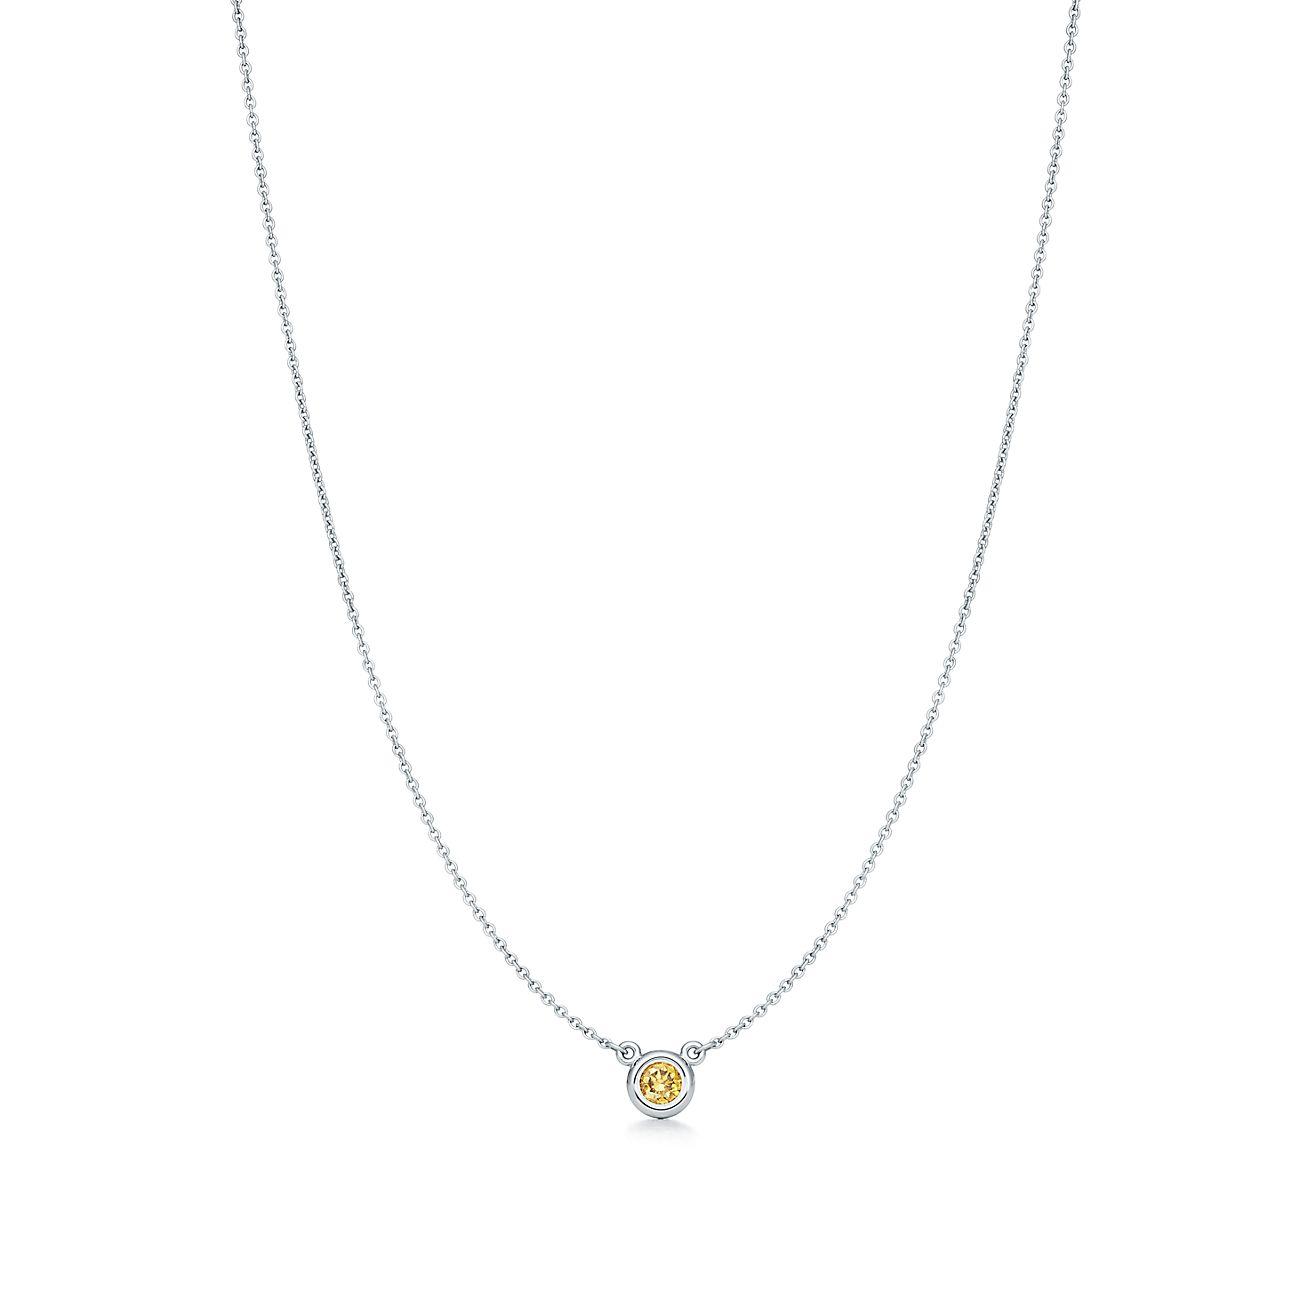 Elsa Peretti Diamonds by the Yard pendant in platinum Tiffany & Co. 75iOw